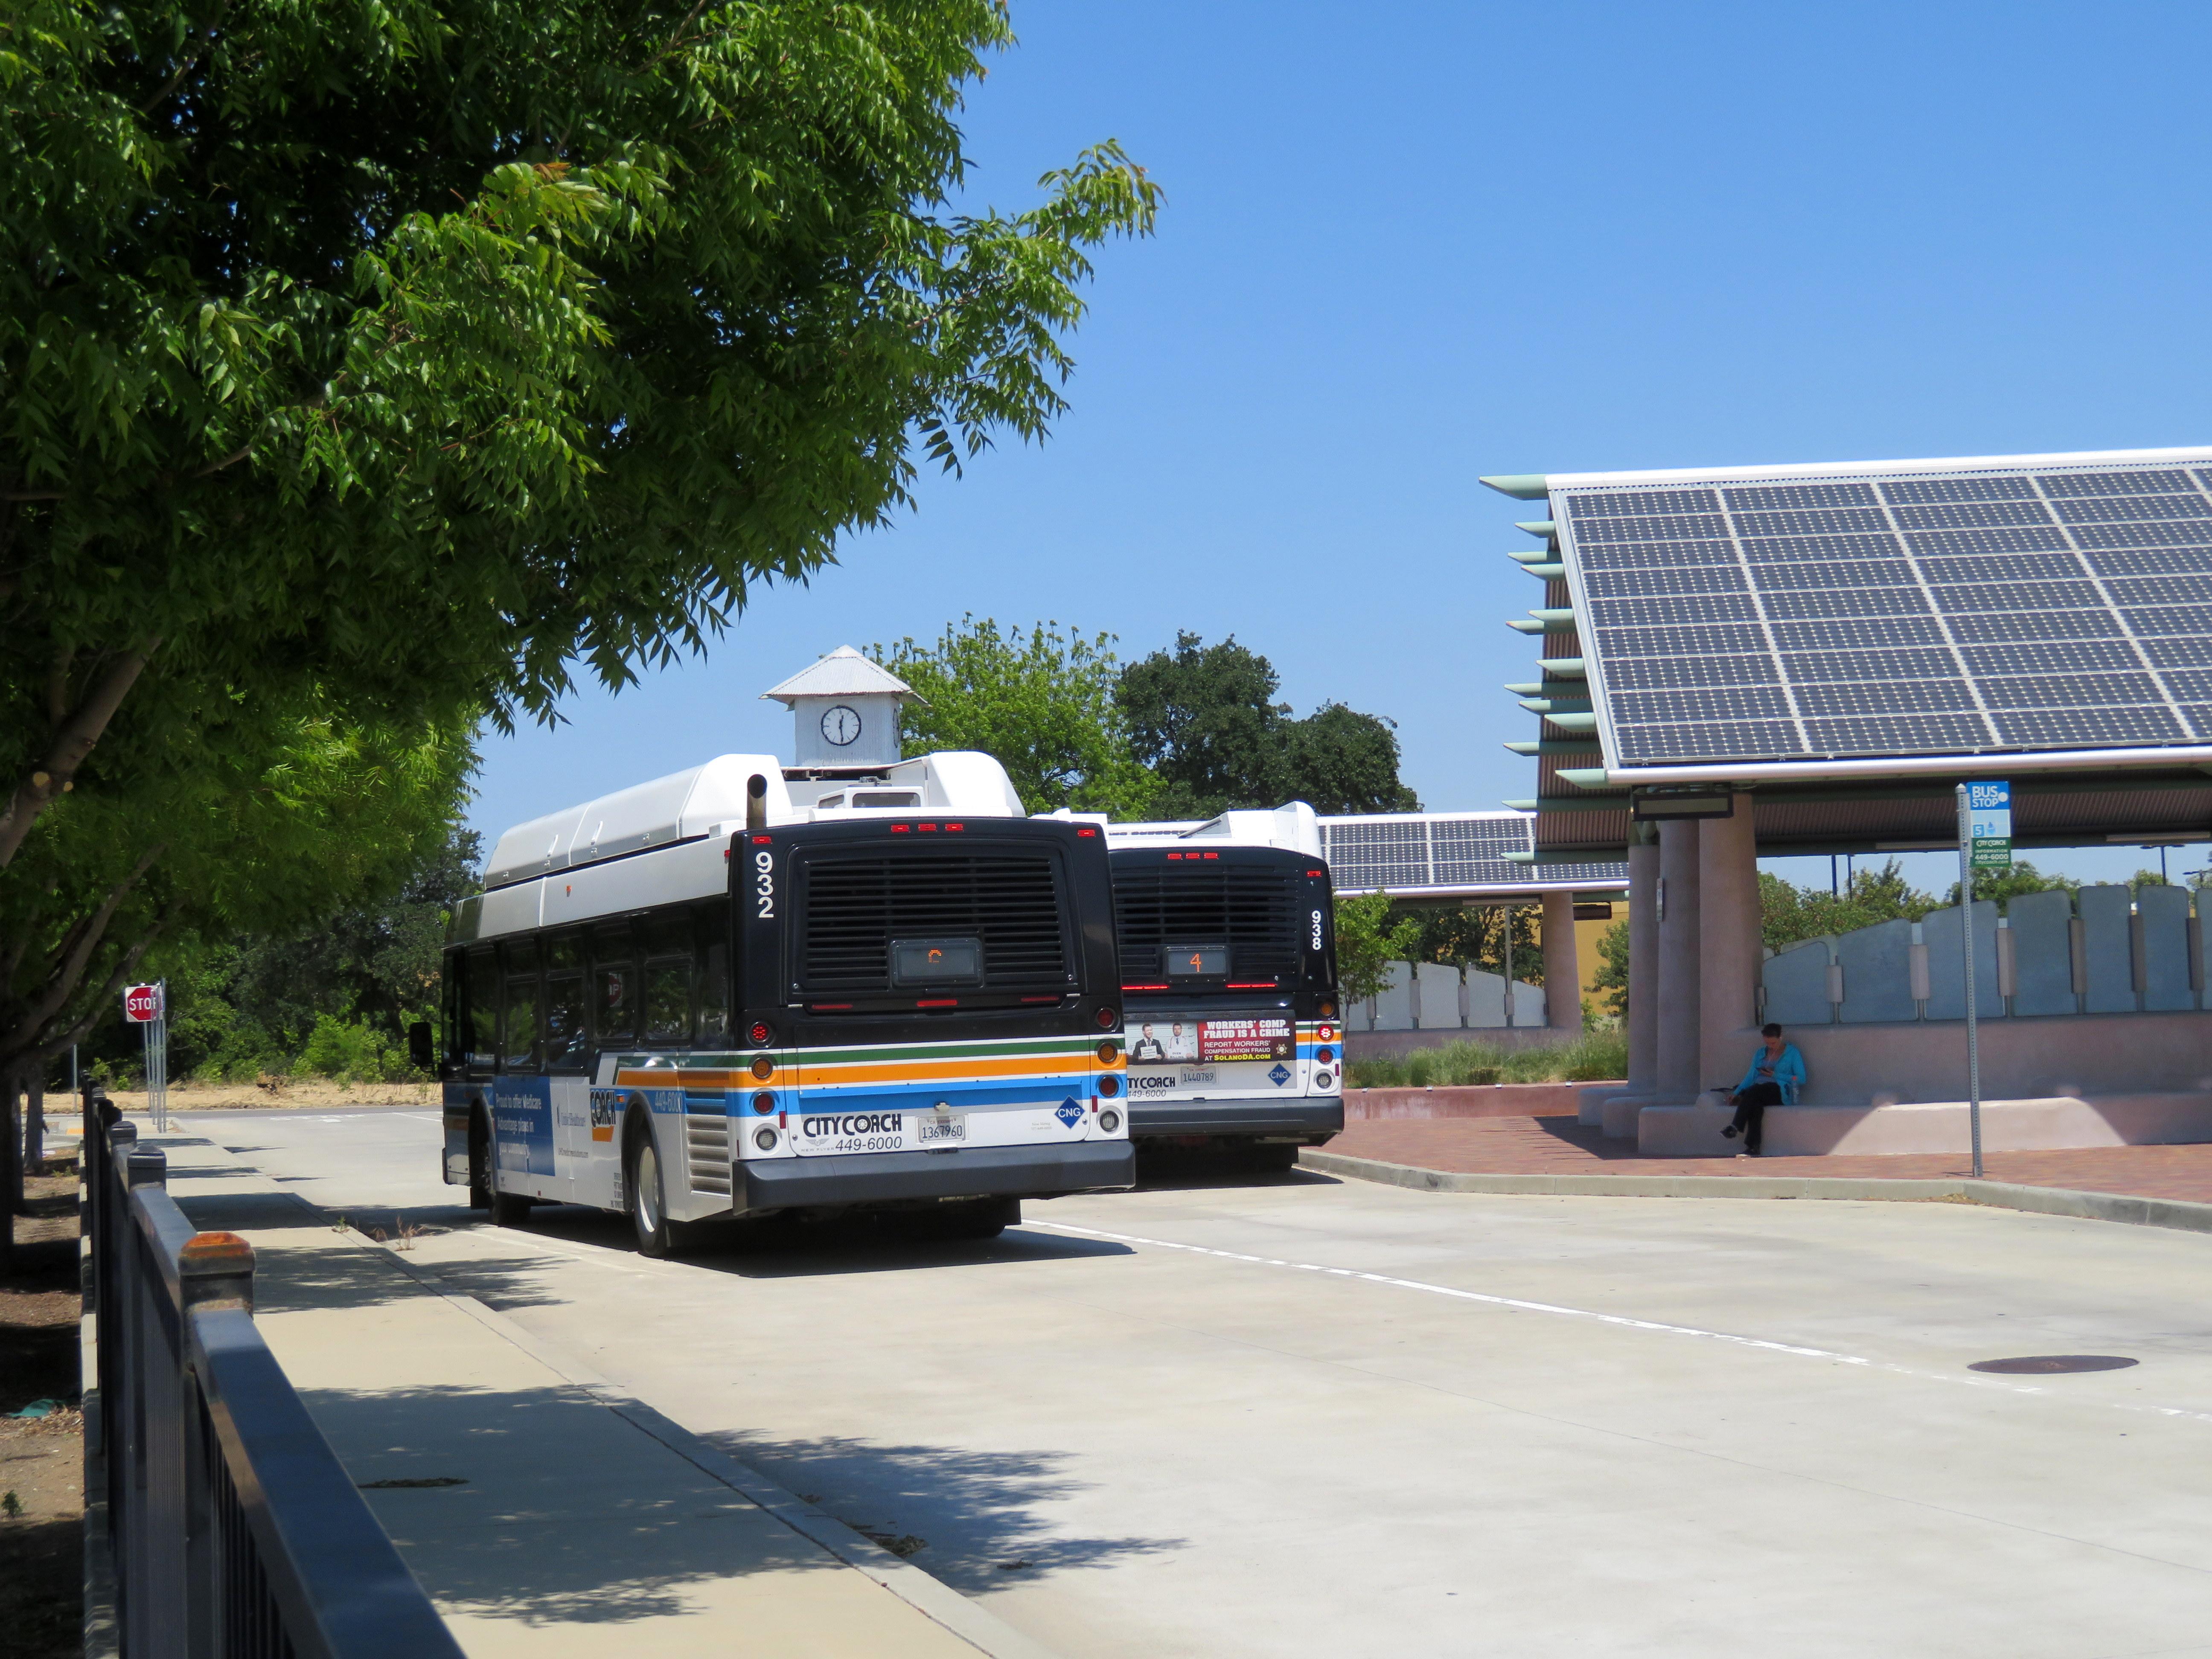 Vacaville City Coach - Wikipedia